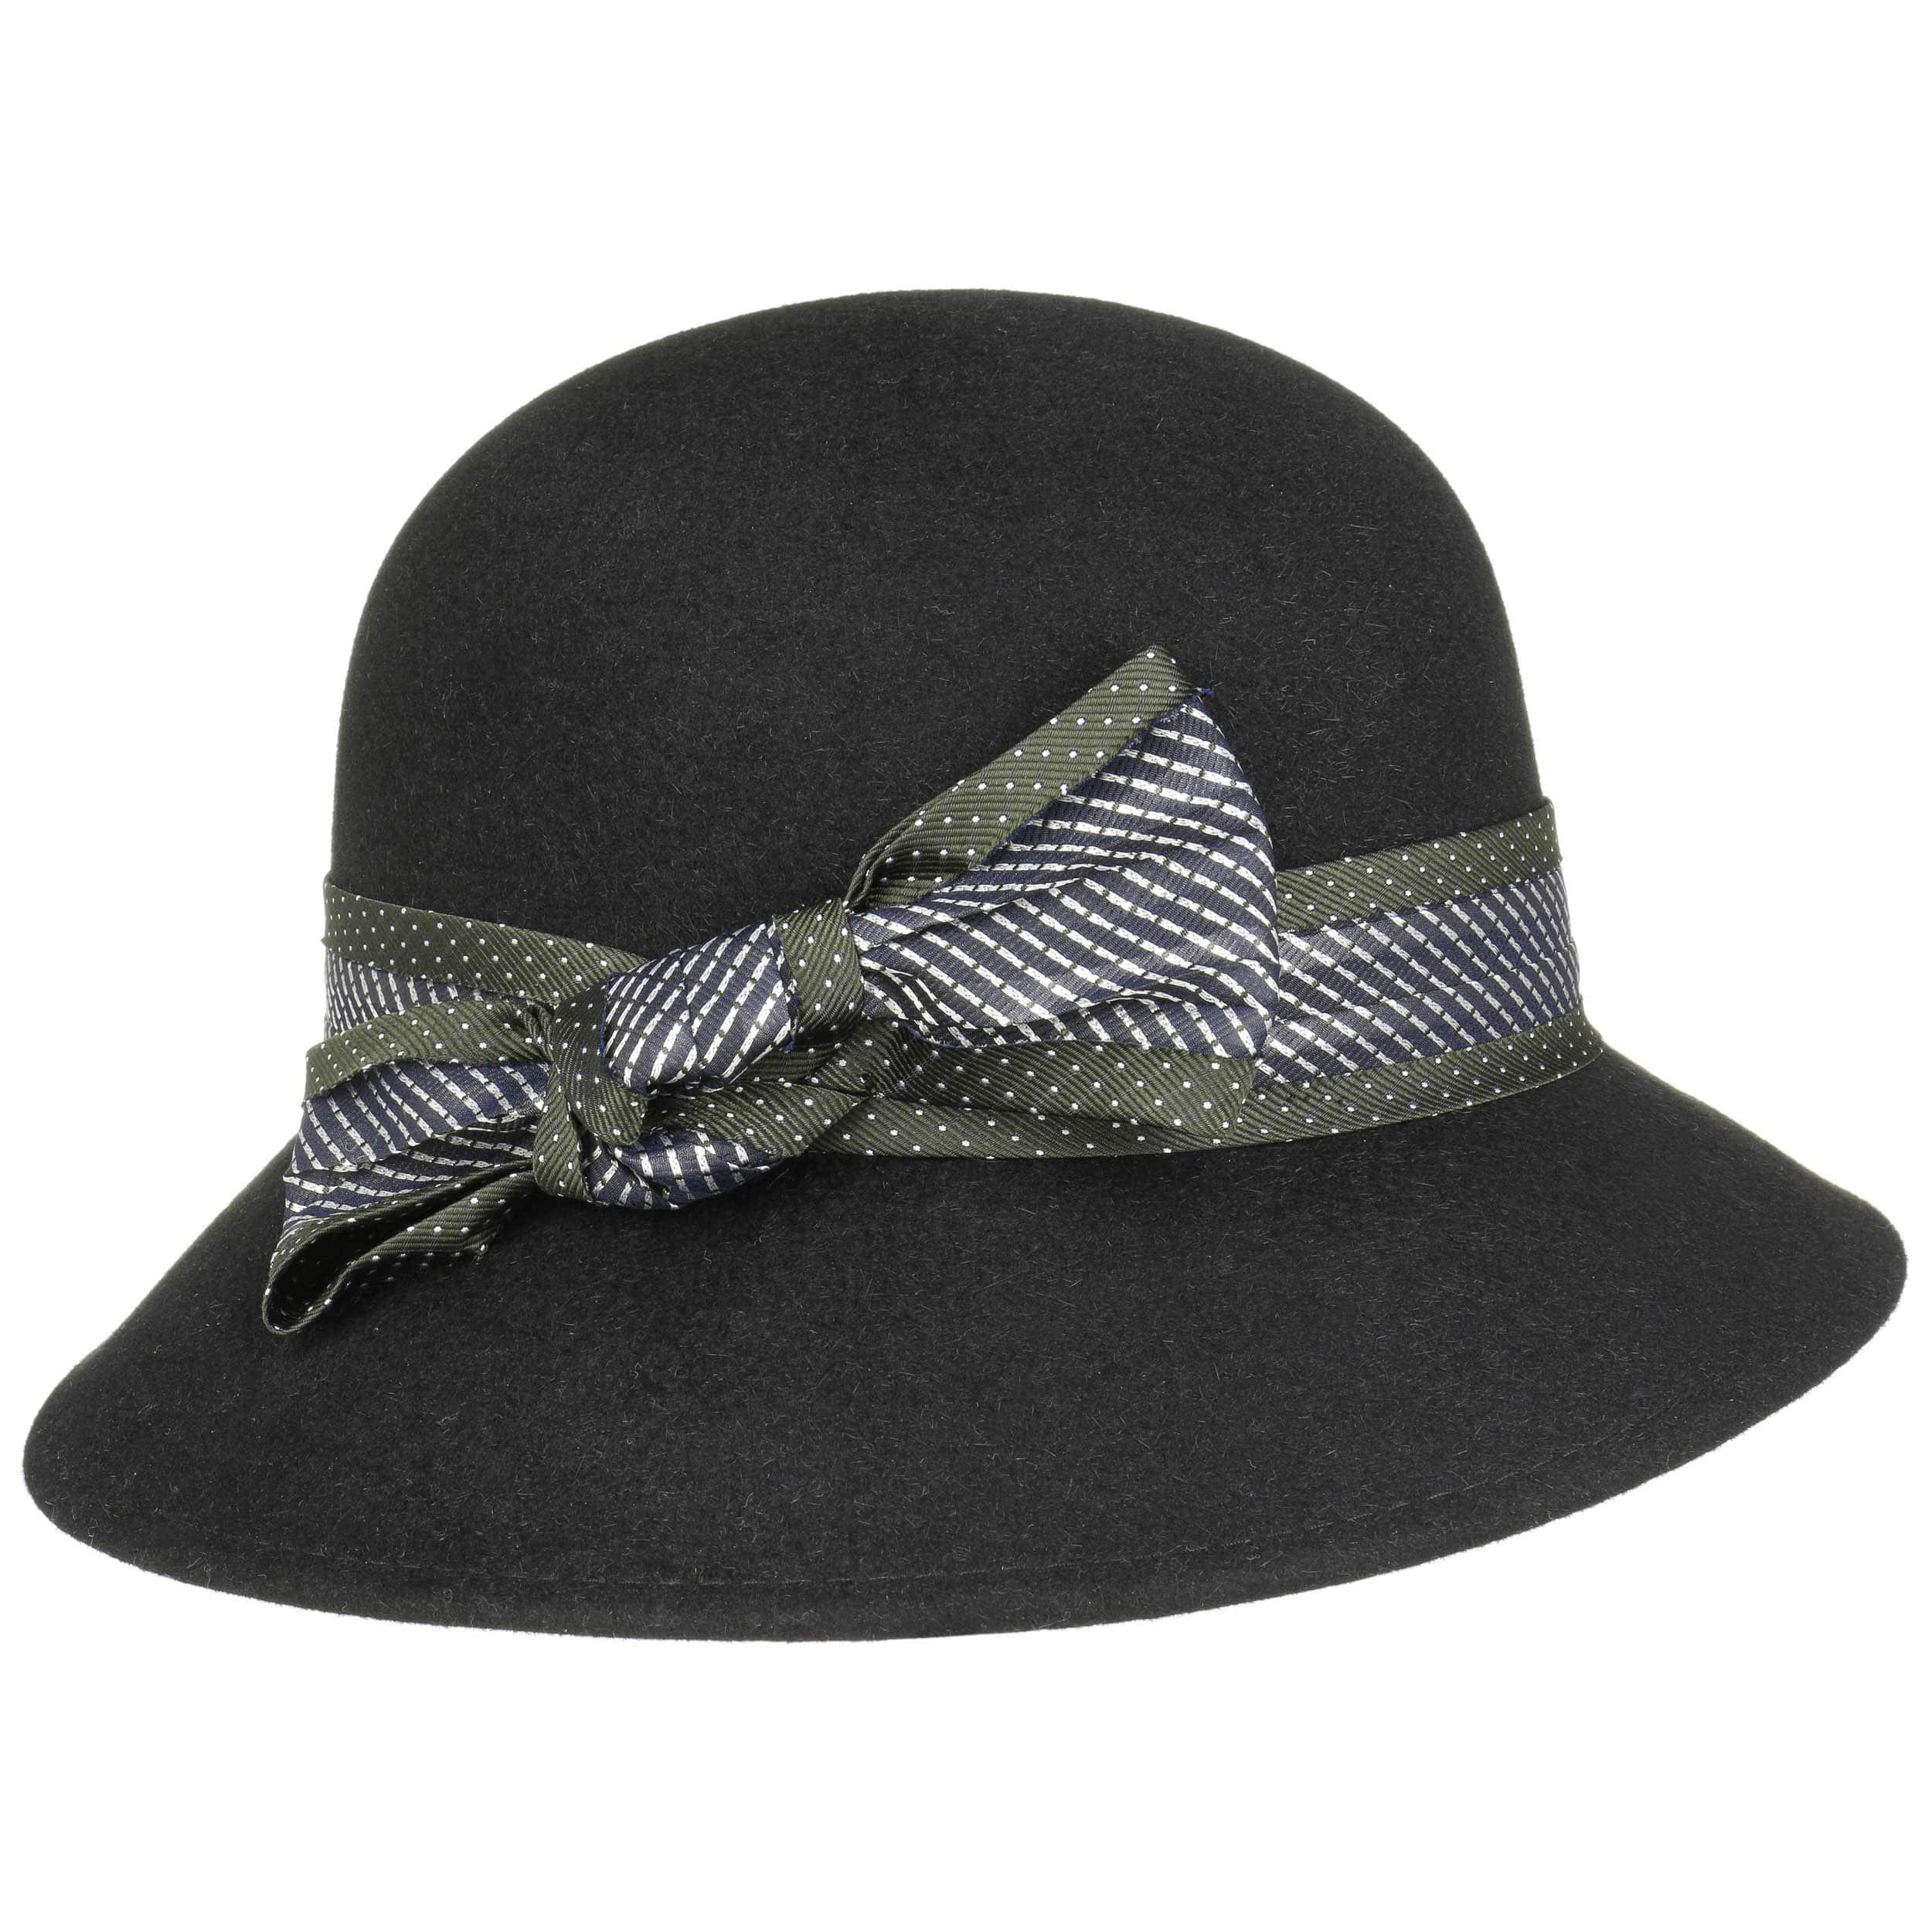 8da922e58a681 Sombrero Cloché Malena by Lierys - Sombreros - sombreroshop.es